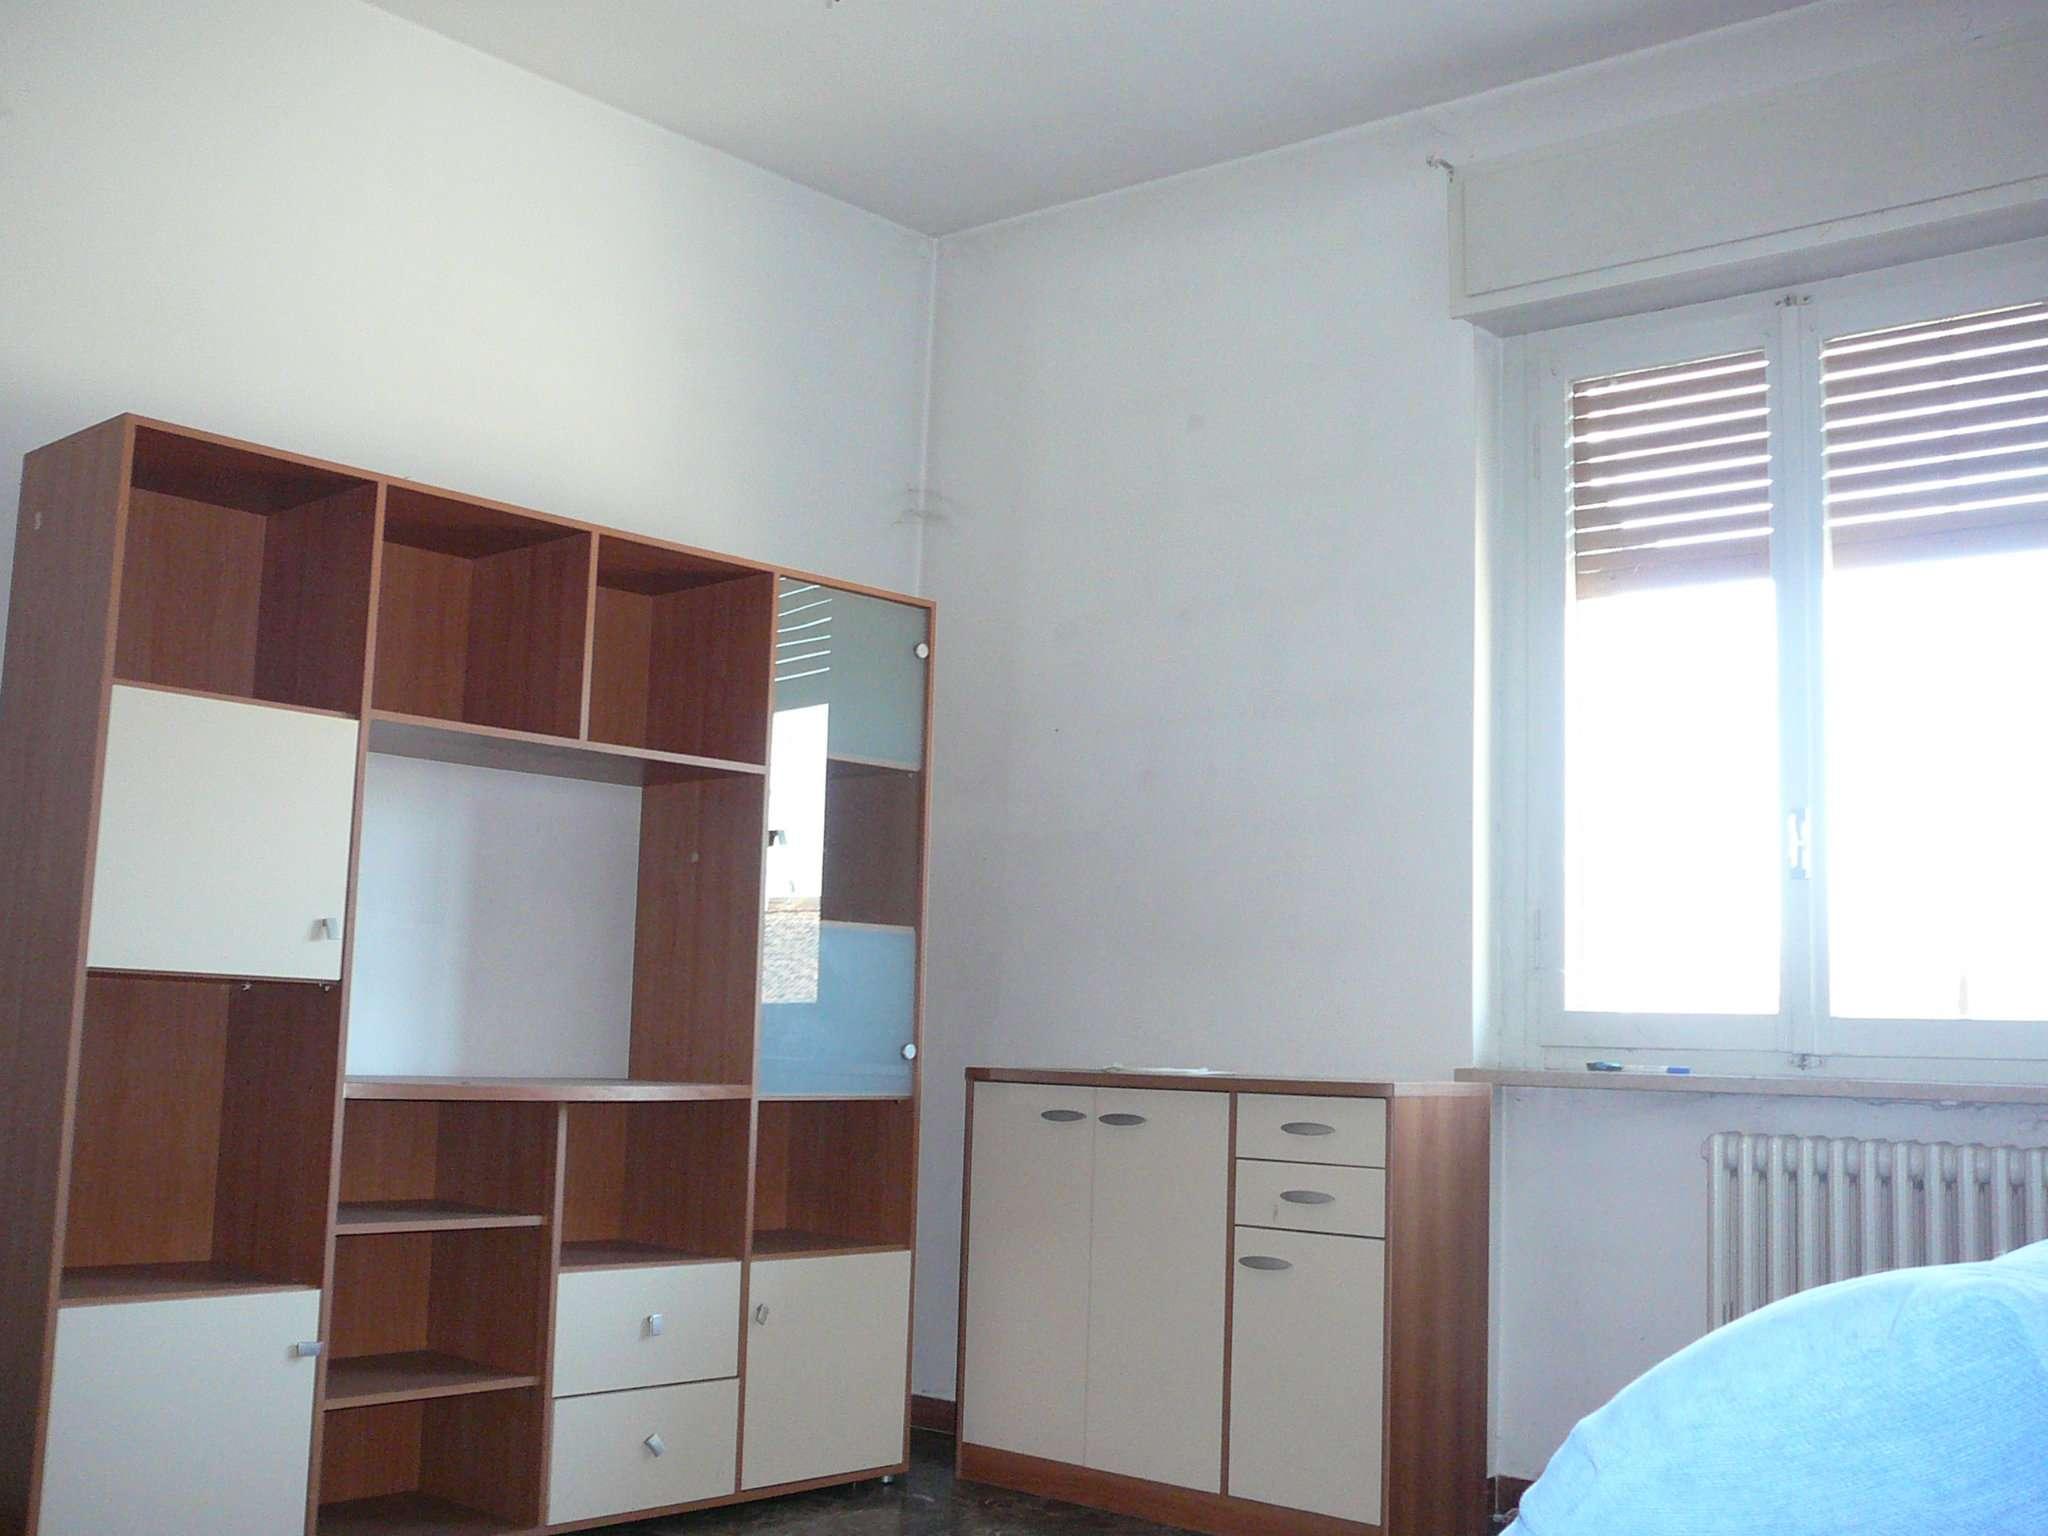 Bilocale Casale Monferrato Via Xx Settembre 3